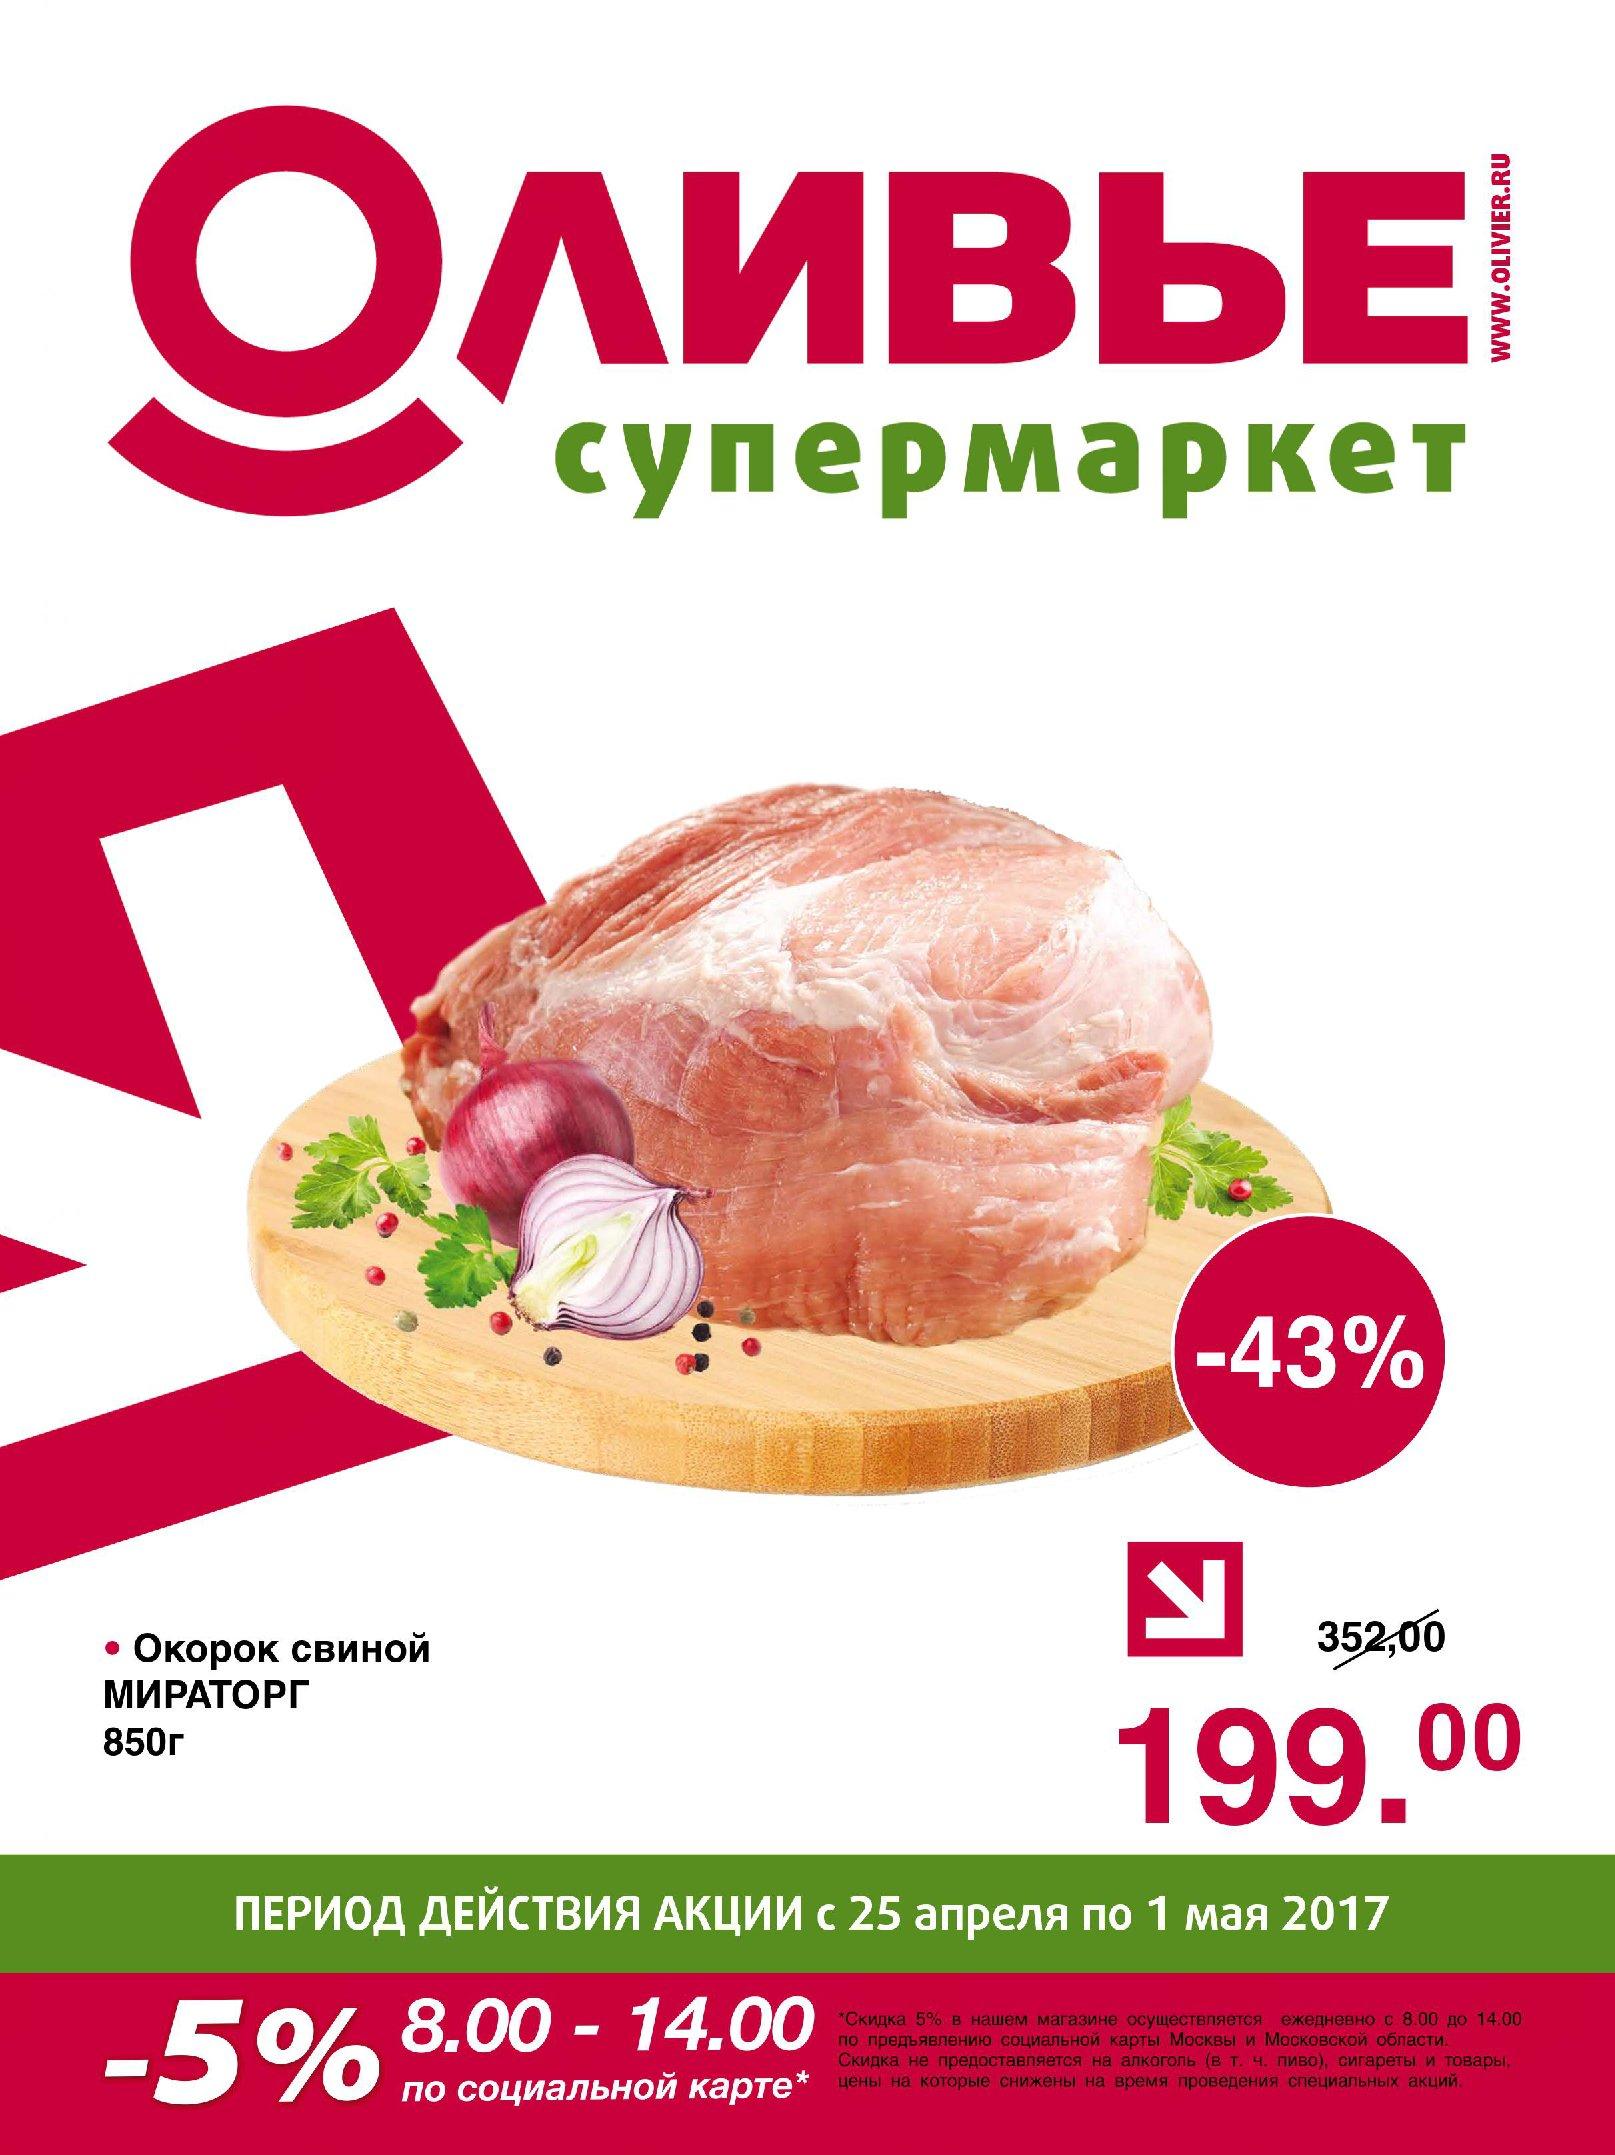 Каталог акций Оливье с 25 апреля по 1 мая 2017 - стр. 1